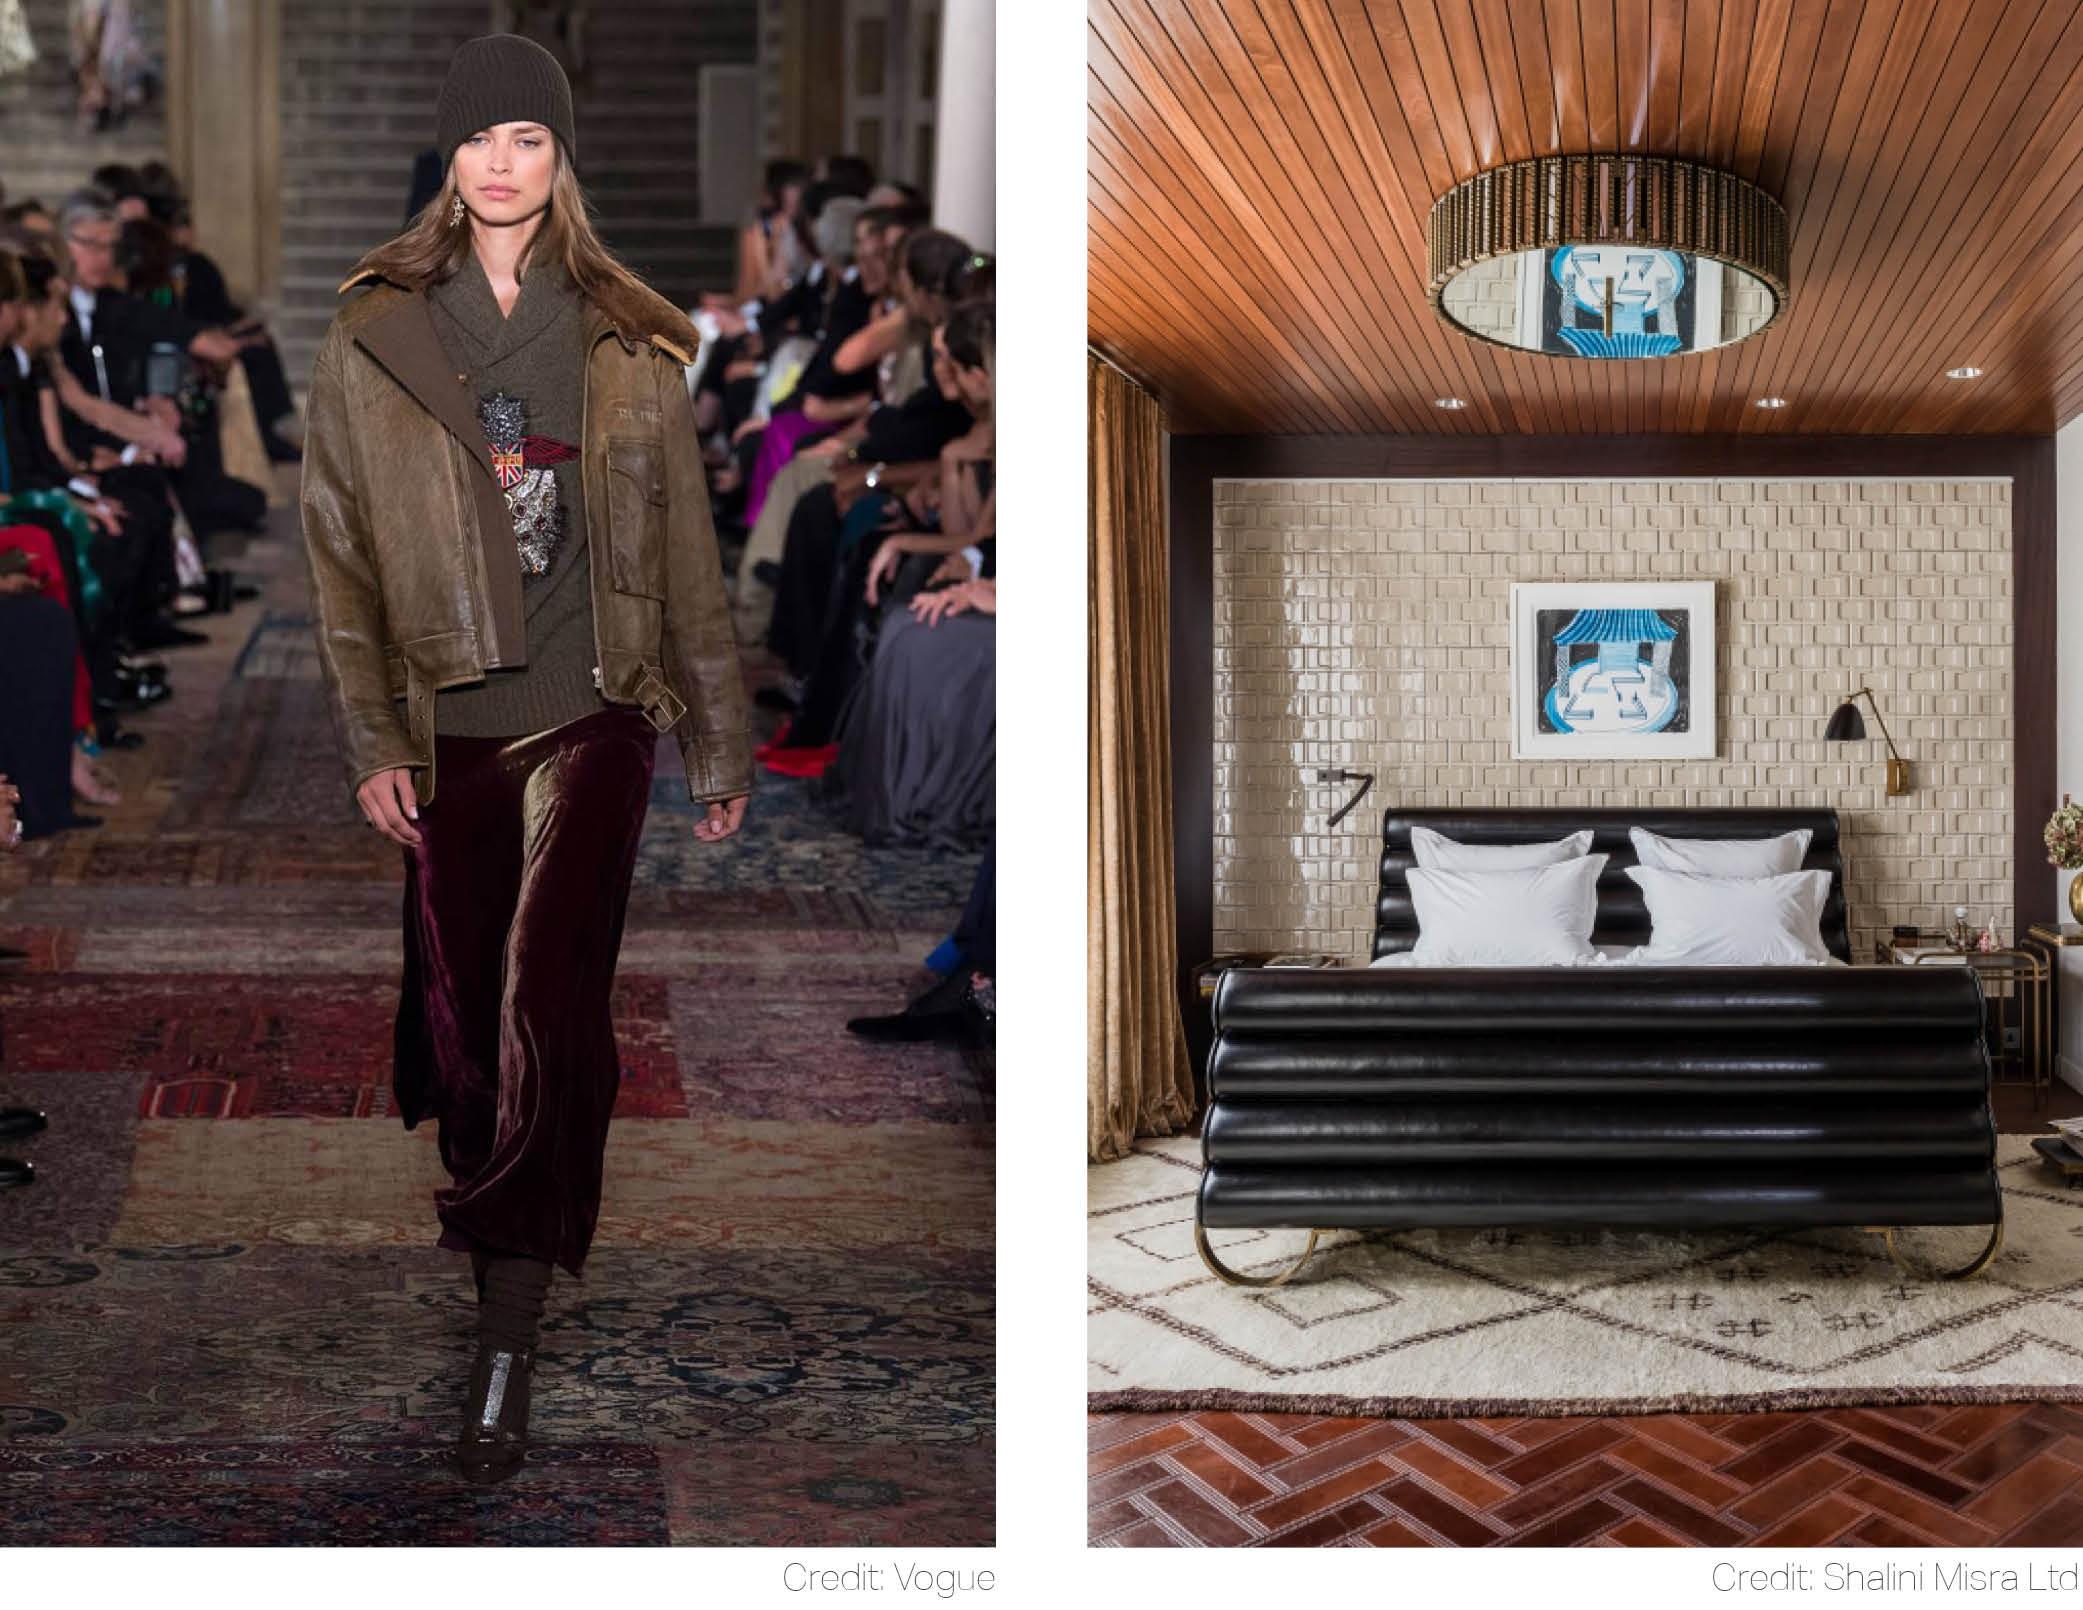 ralph lauren emerald sapphire velvet upholstery leather finishes tattered persian rug